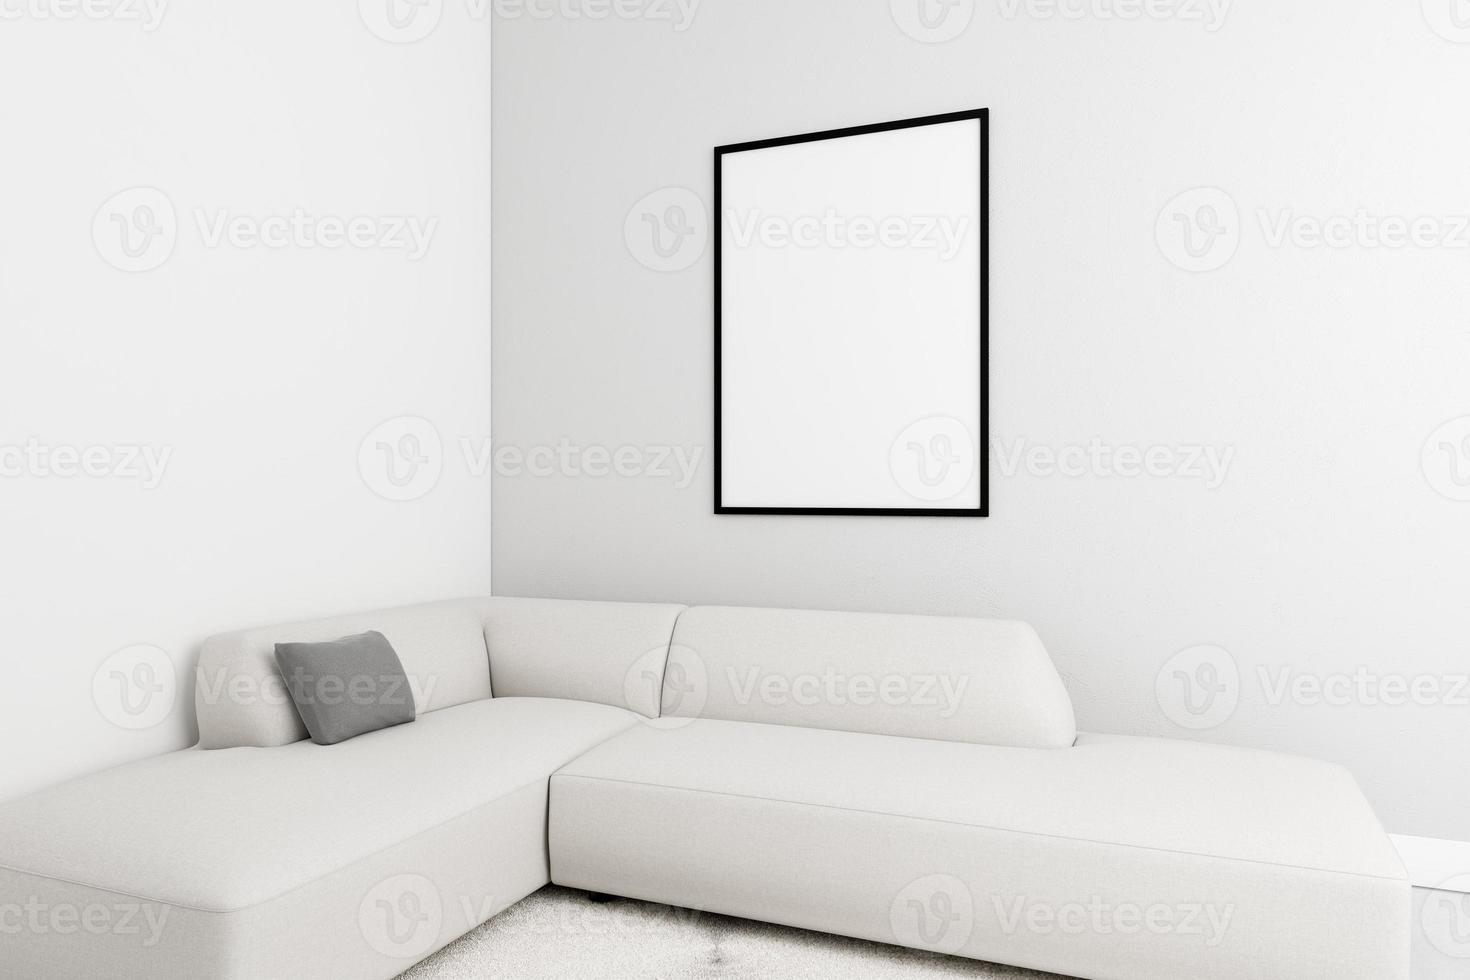 interior minimalista con elegante marco y sofá foto